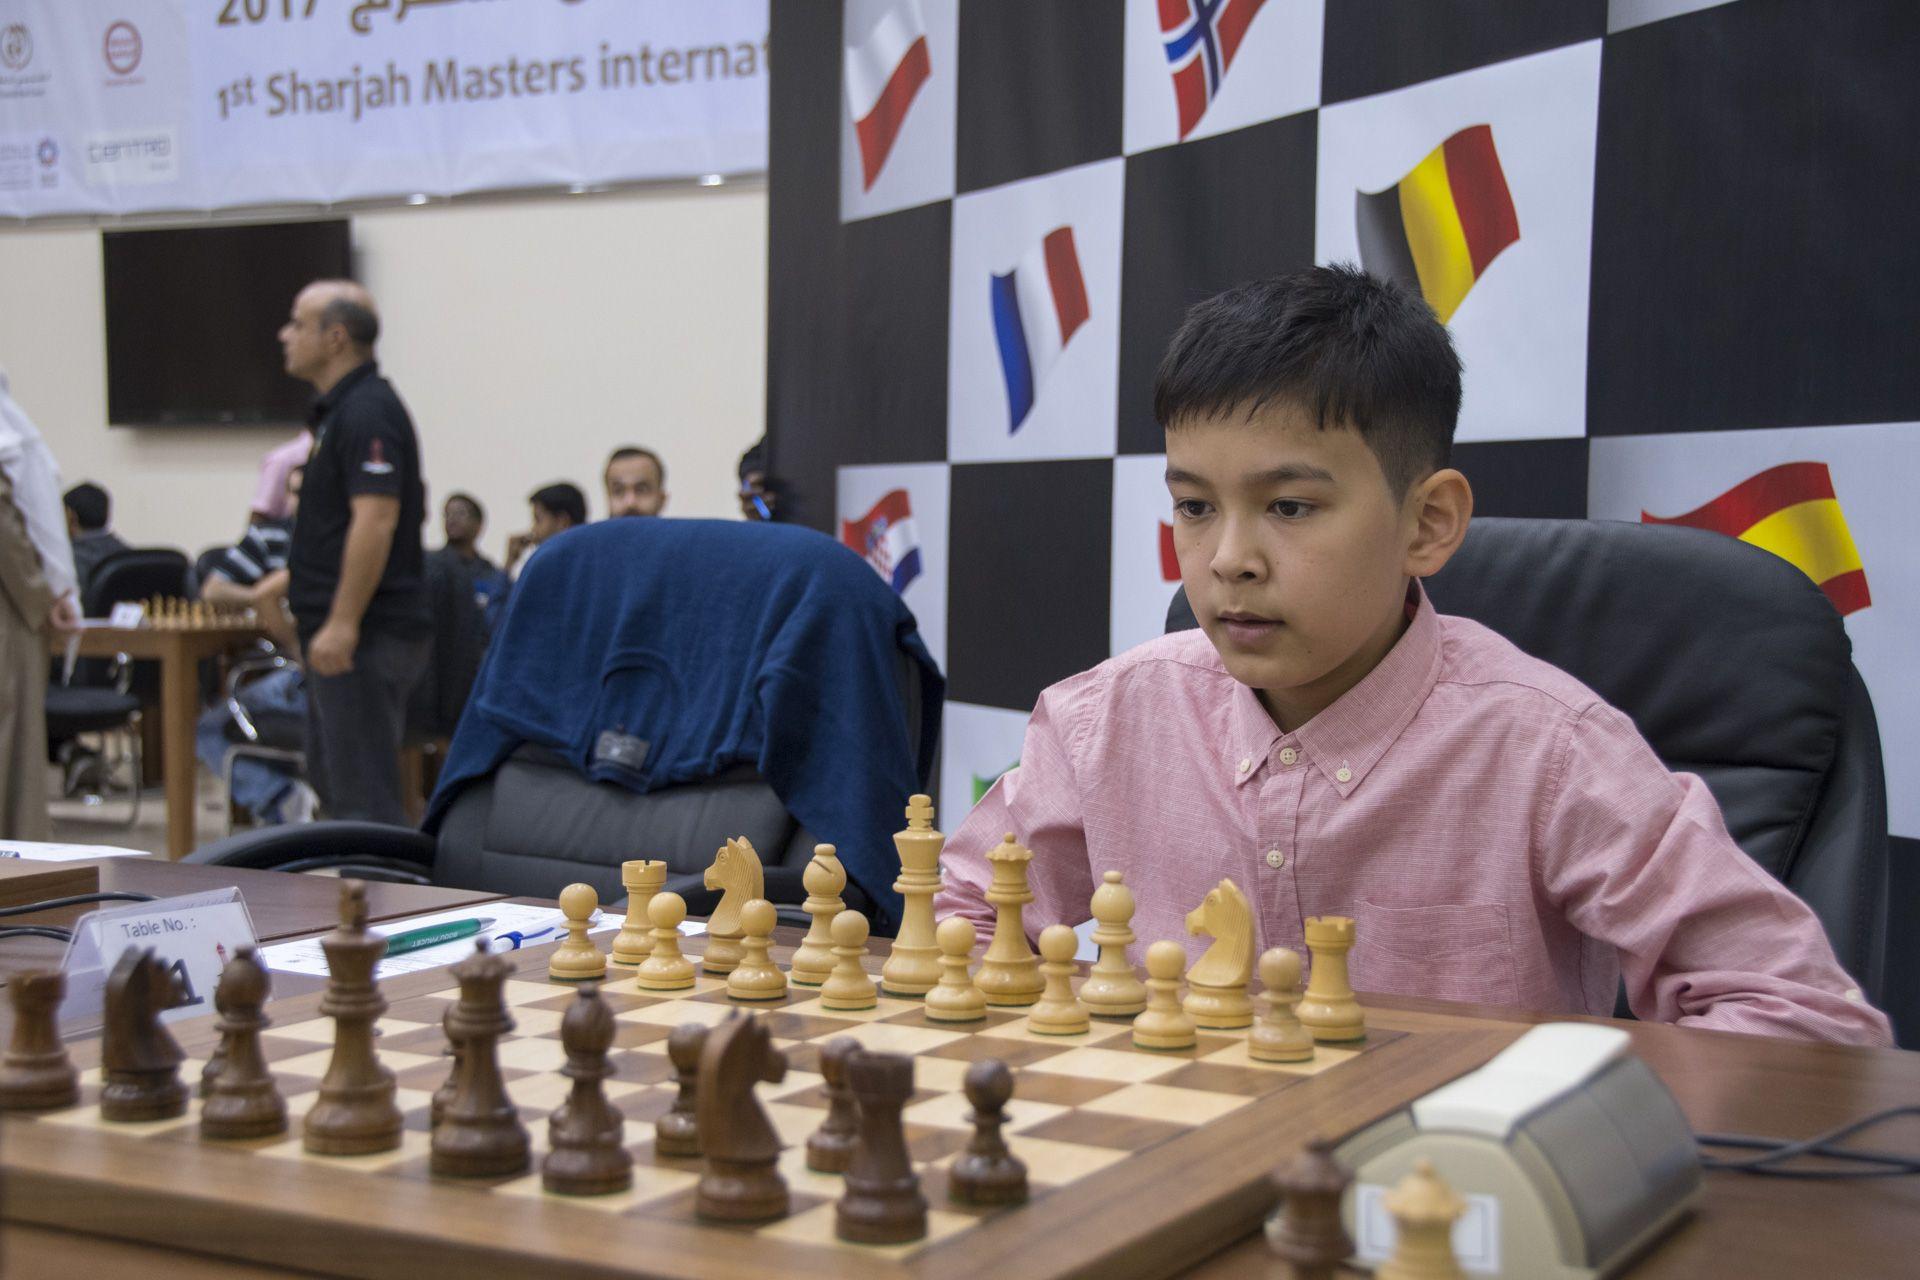 Abdusattorov Chess